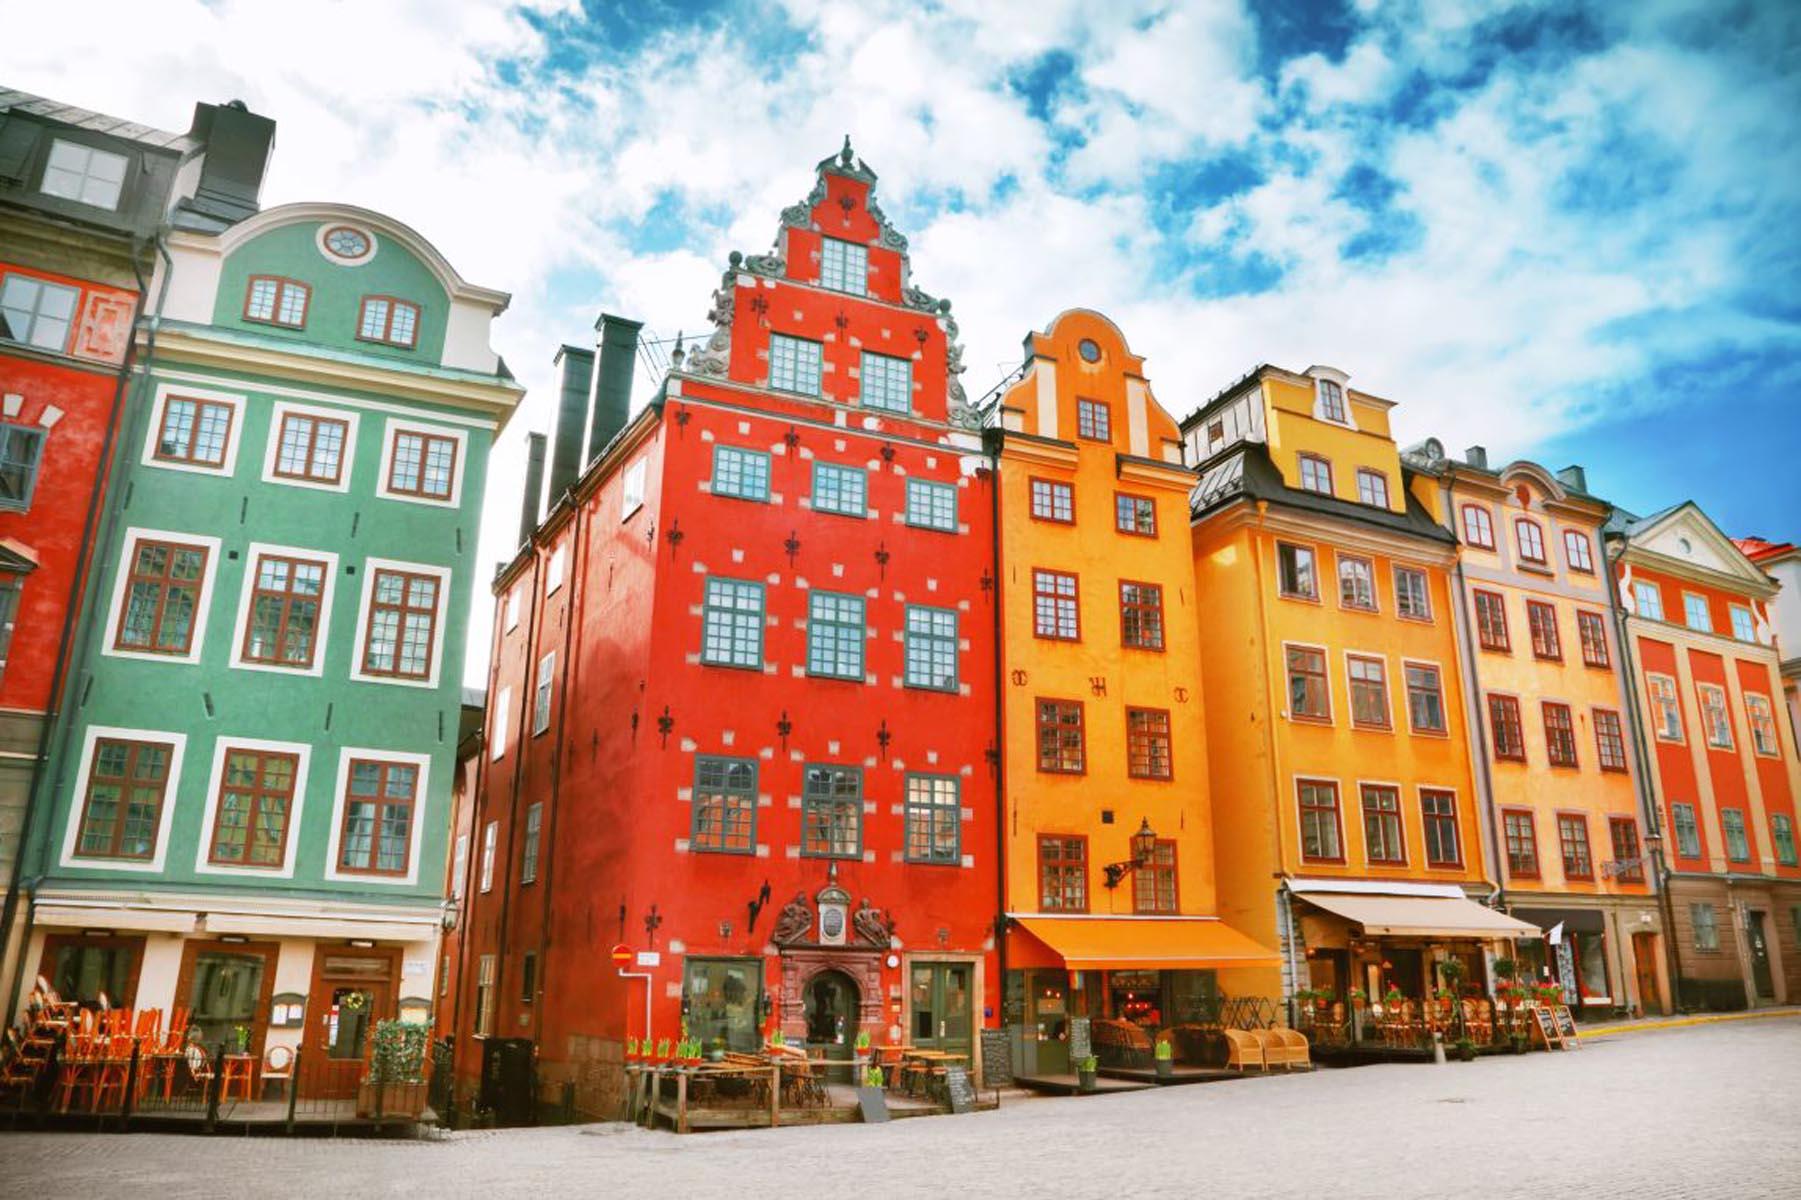 Stortorget sted i Gamla Stan, Stockholm, Sverige